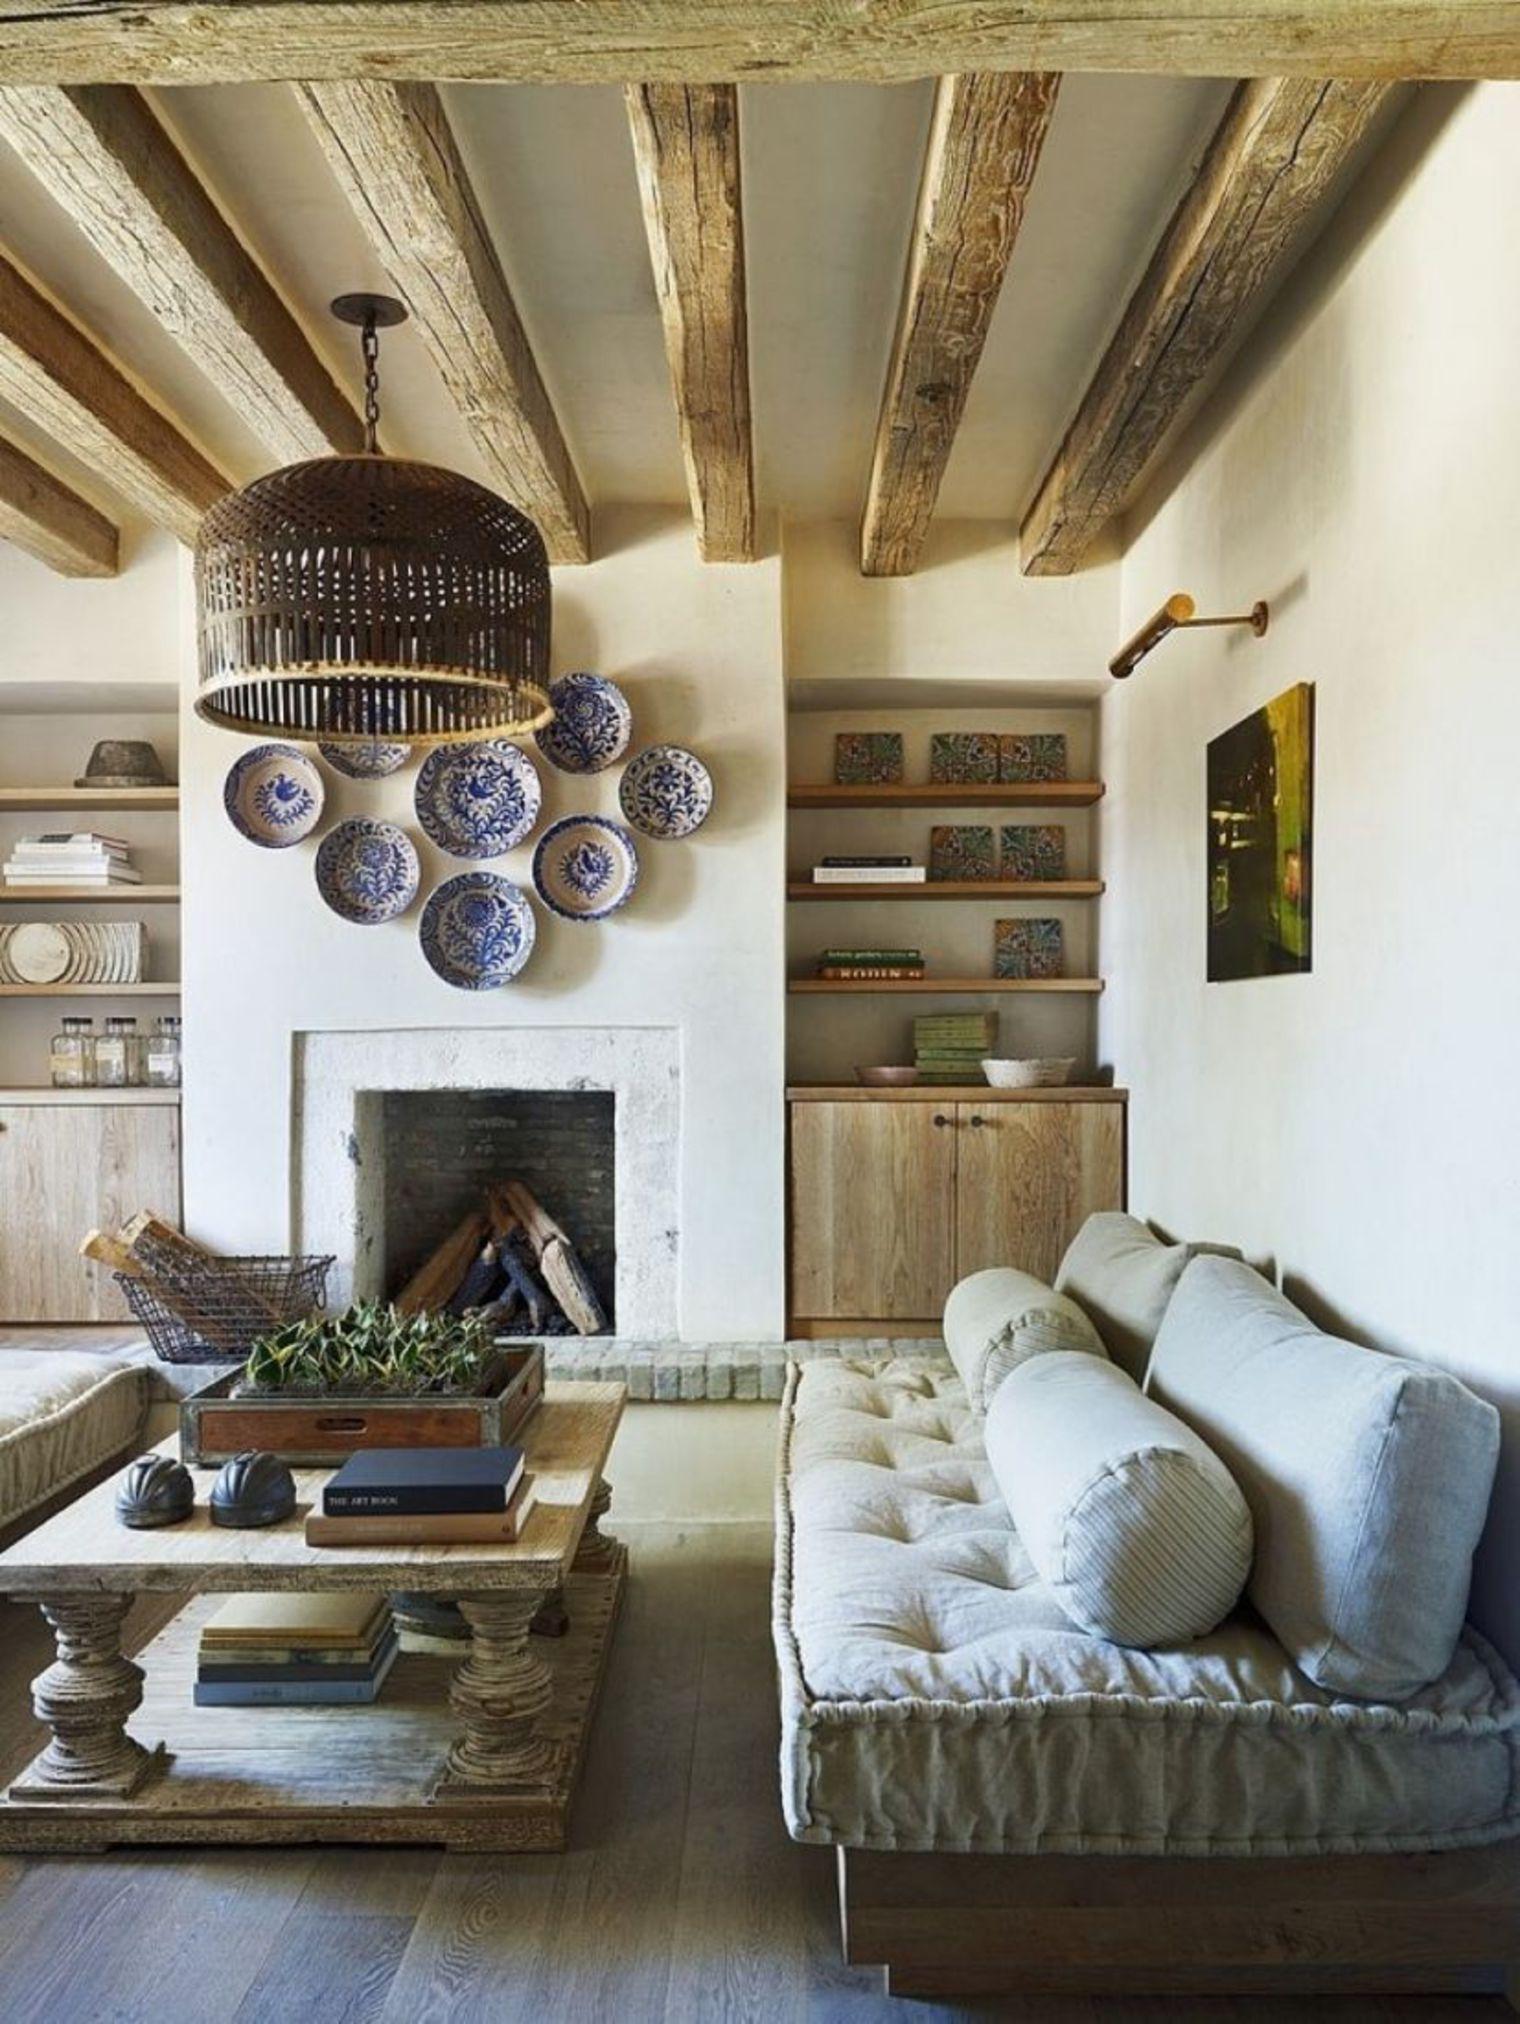 Salotto Stile Rustico.14 Incredibili Modi Per Decorare Un Salotto In Stile Rustico